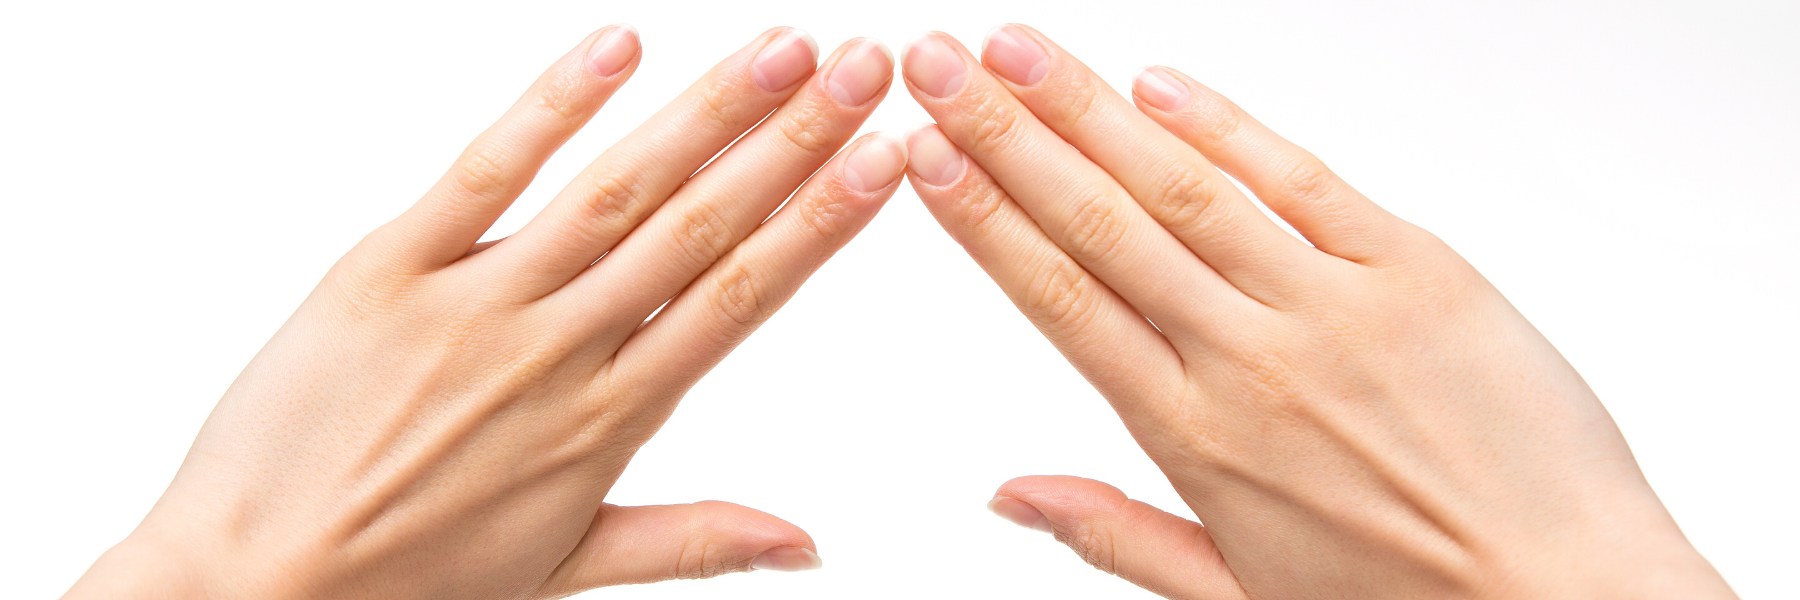 sievietes rokas pēc karpālā kanāla operācijas